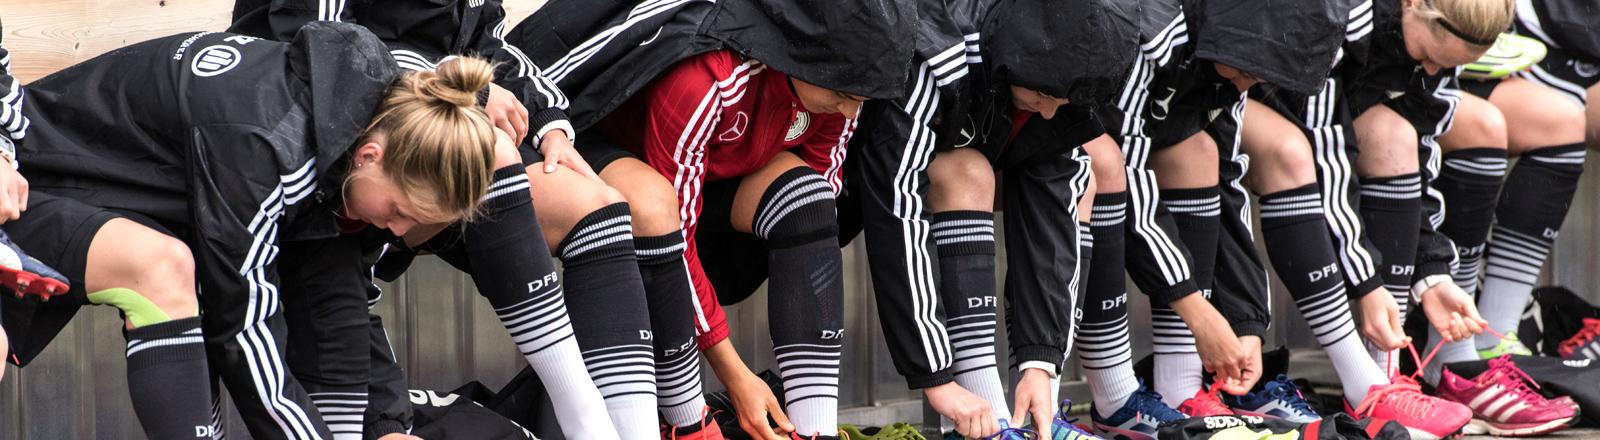 Spielerinnen der Fußball Frauen-Nationalmannschaft schnüren sich am 25.05.2015 in Wollerau in der Schweiz vor dem Training die Schuhe. Das deutsche Team bereitet sich auf die Fußball-WM in Kanada vor.